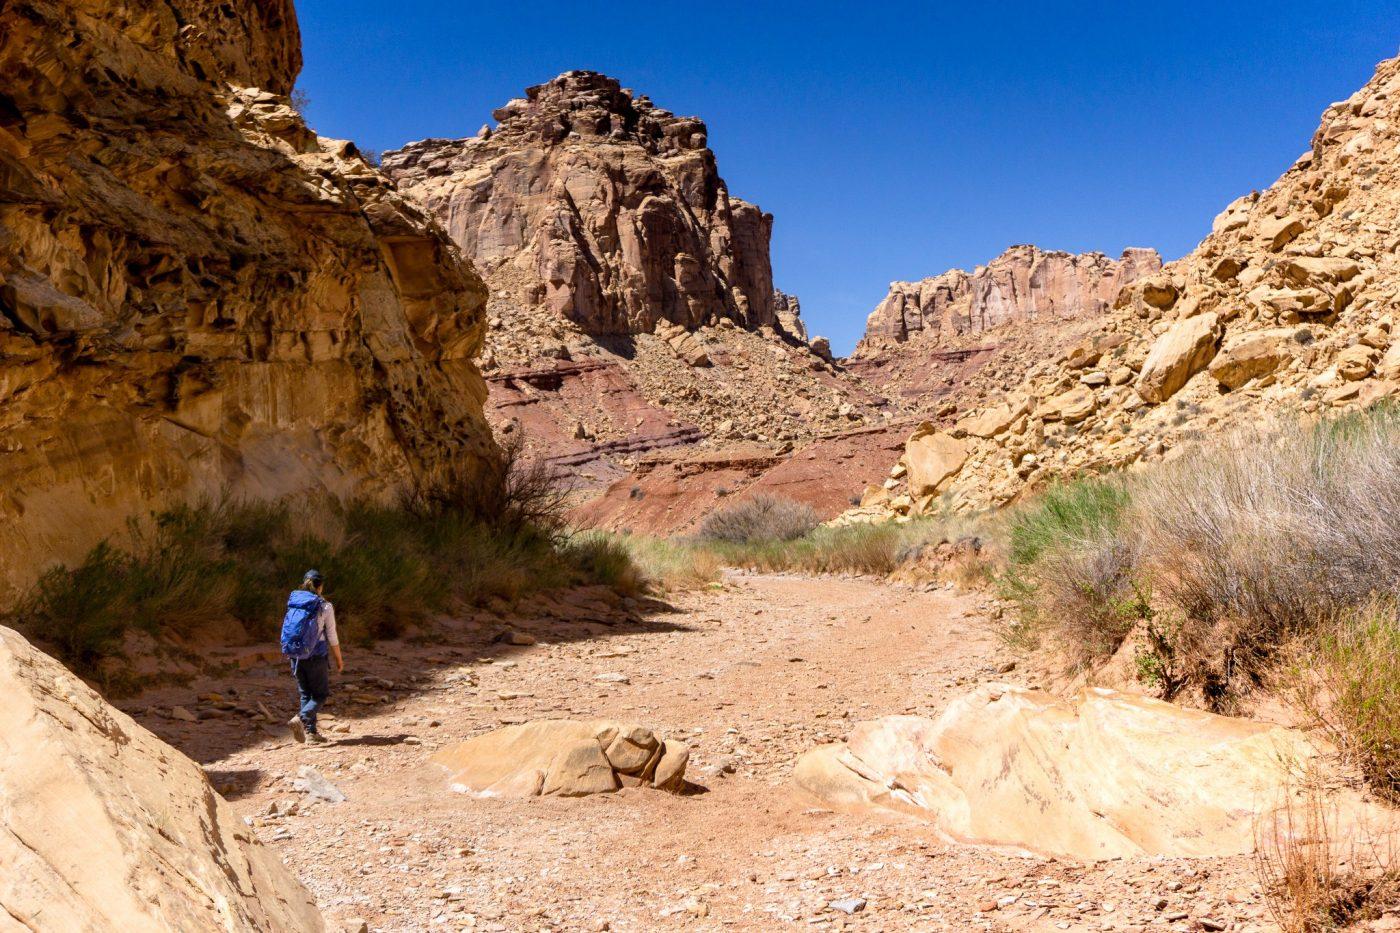 Chute canyon scrambling